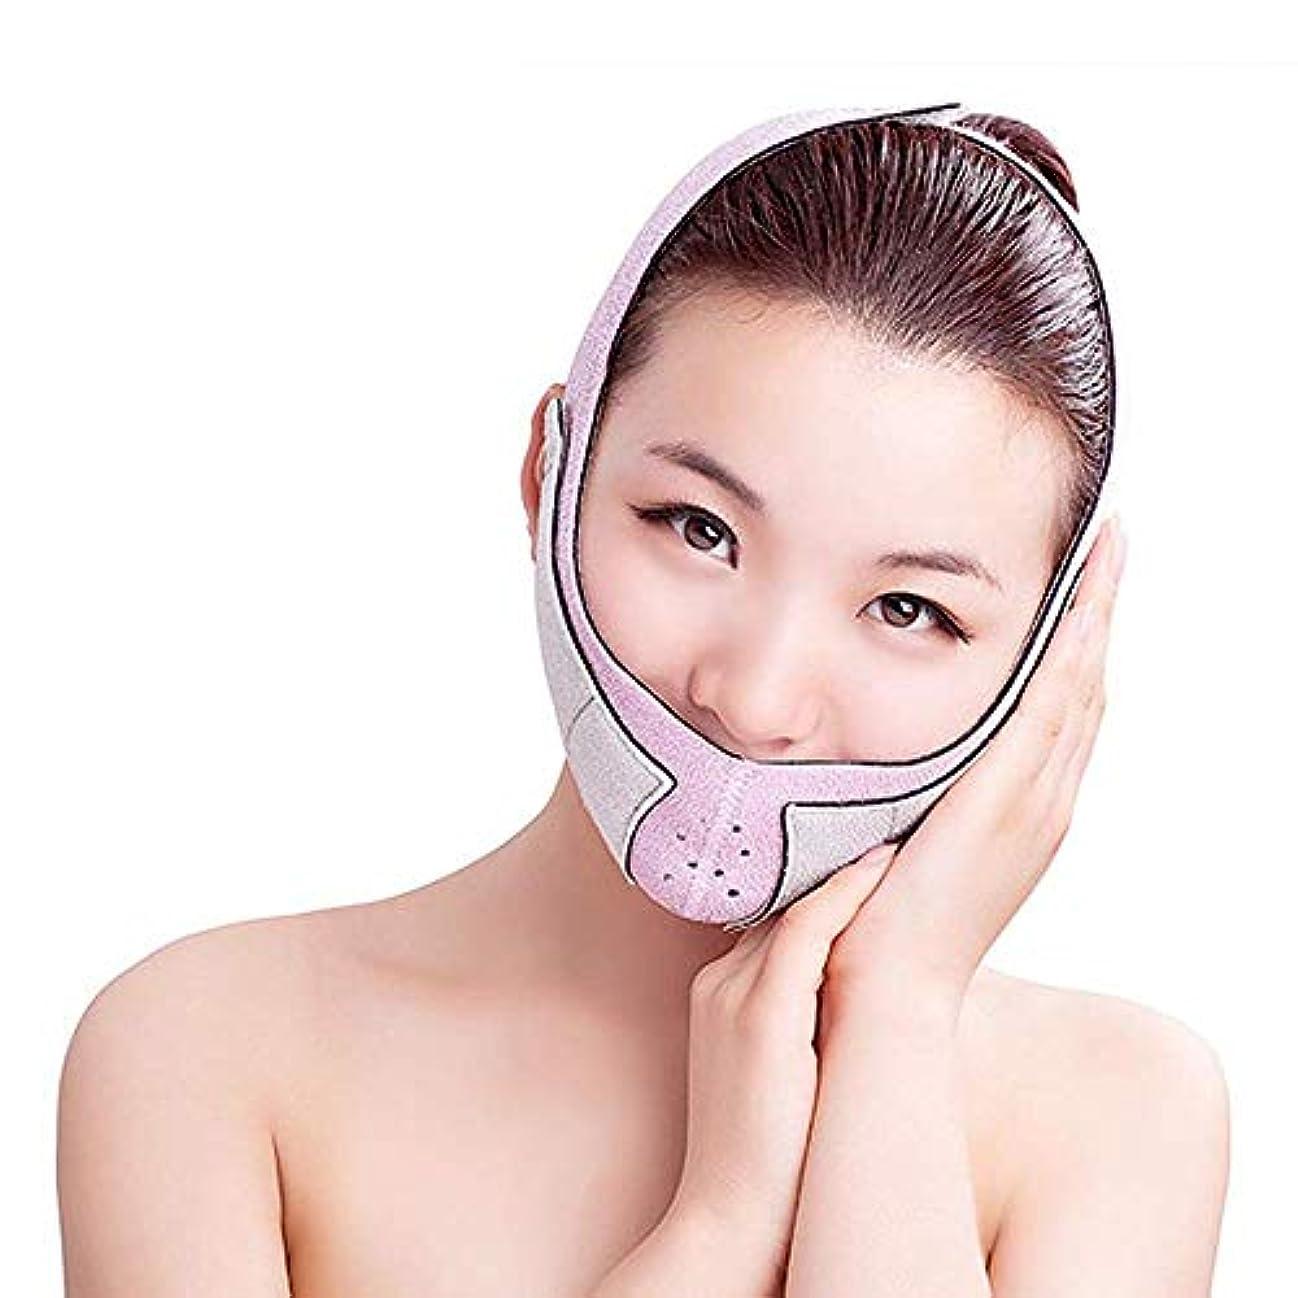 熱心な雨おとこ薄い顔ベルト薄い顔ベルト通気性の補正3D薄い顔V顔ベルト包帯薄い顔アーティファクト (色 : B)